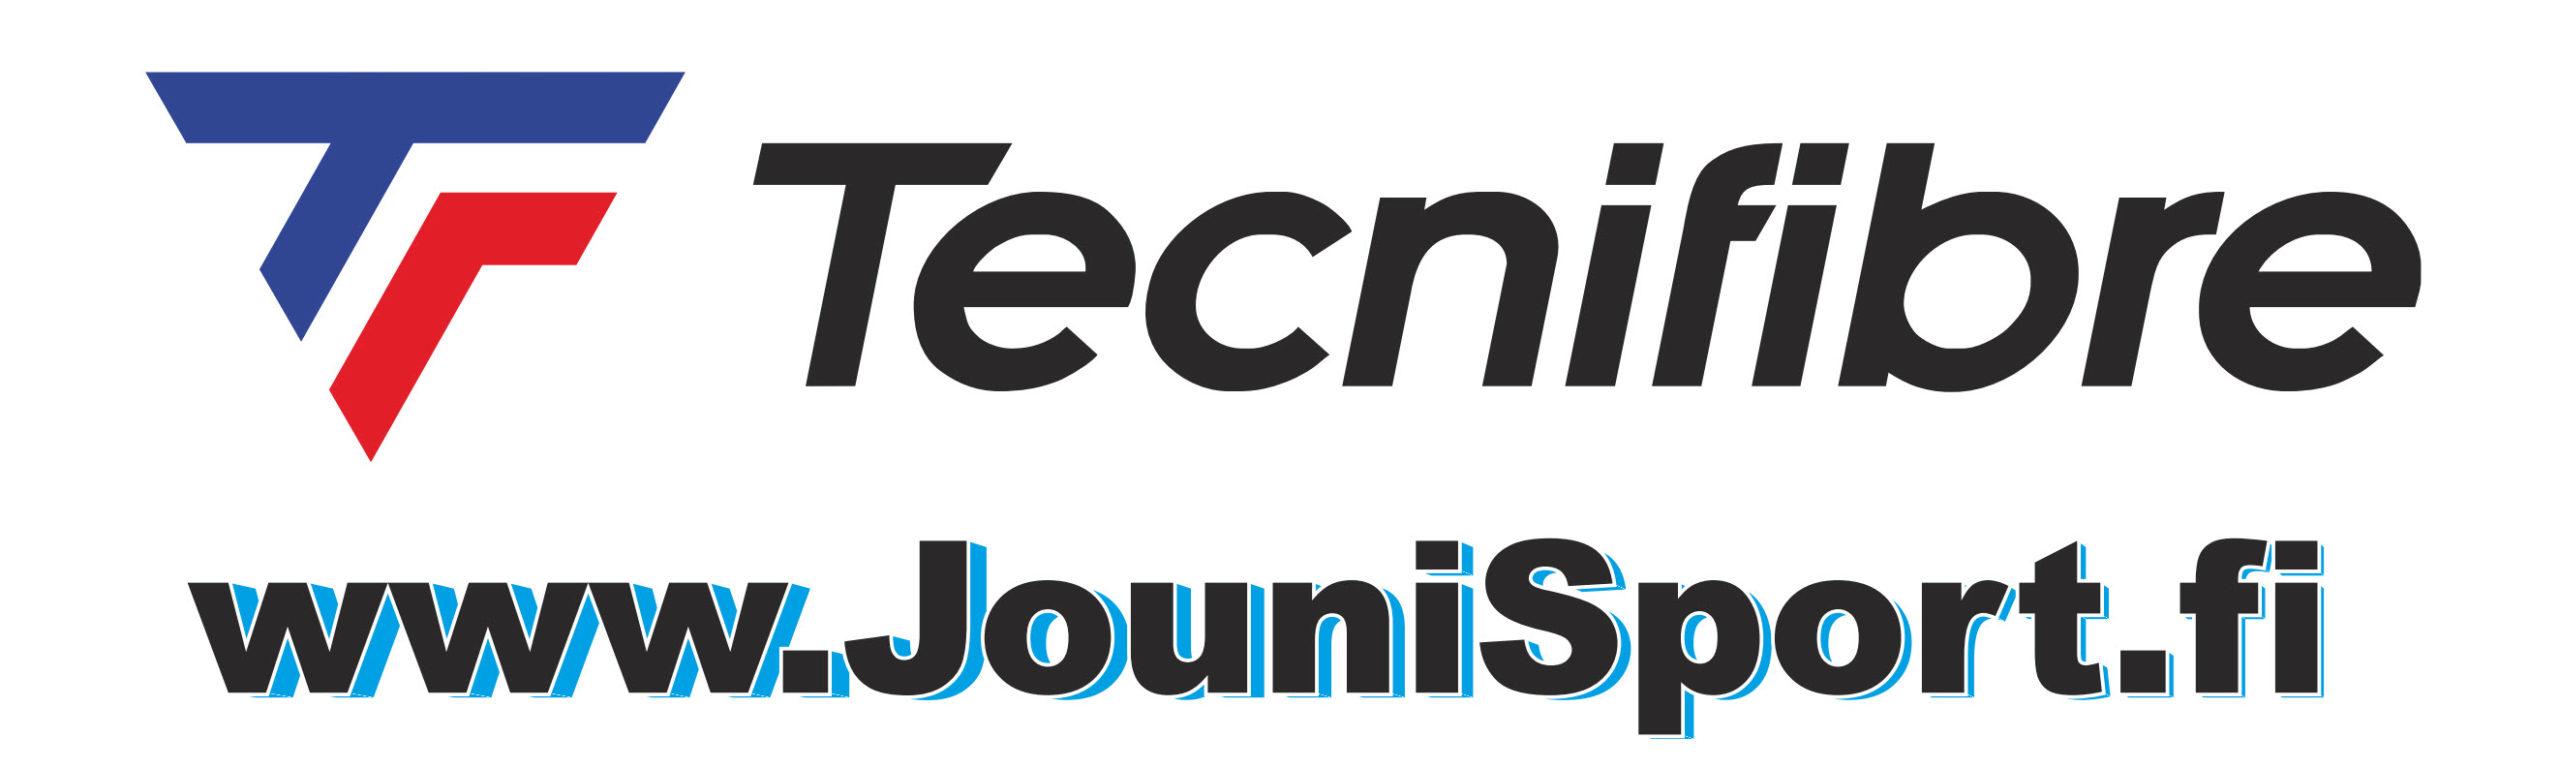 https://hameenlinnantennisseura.fi/wp-content/uploads/2021/04/Jounis_logo-scaled.jpg